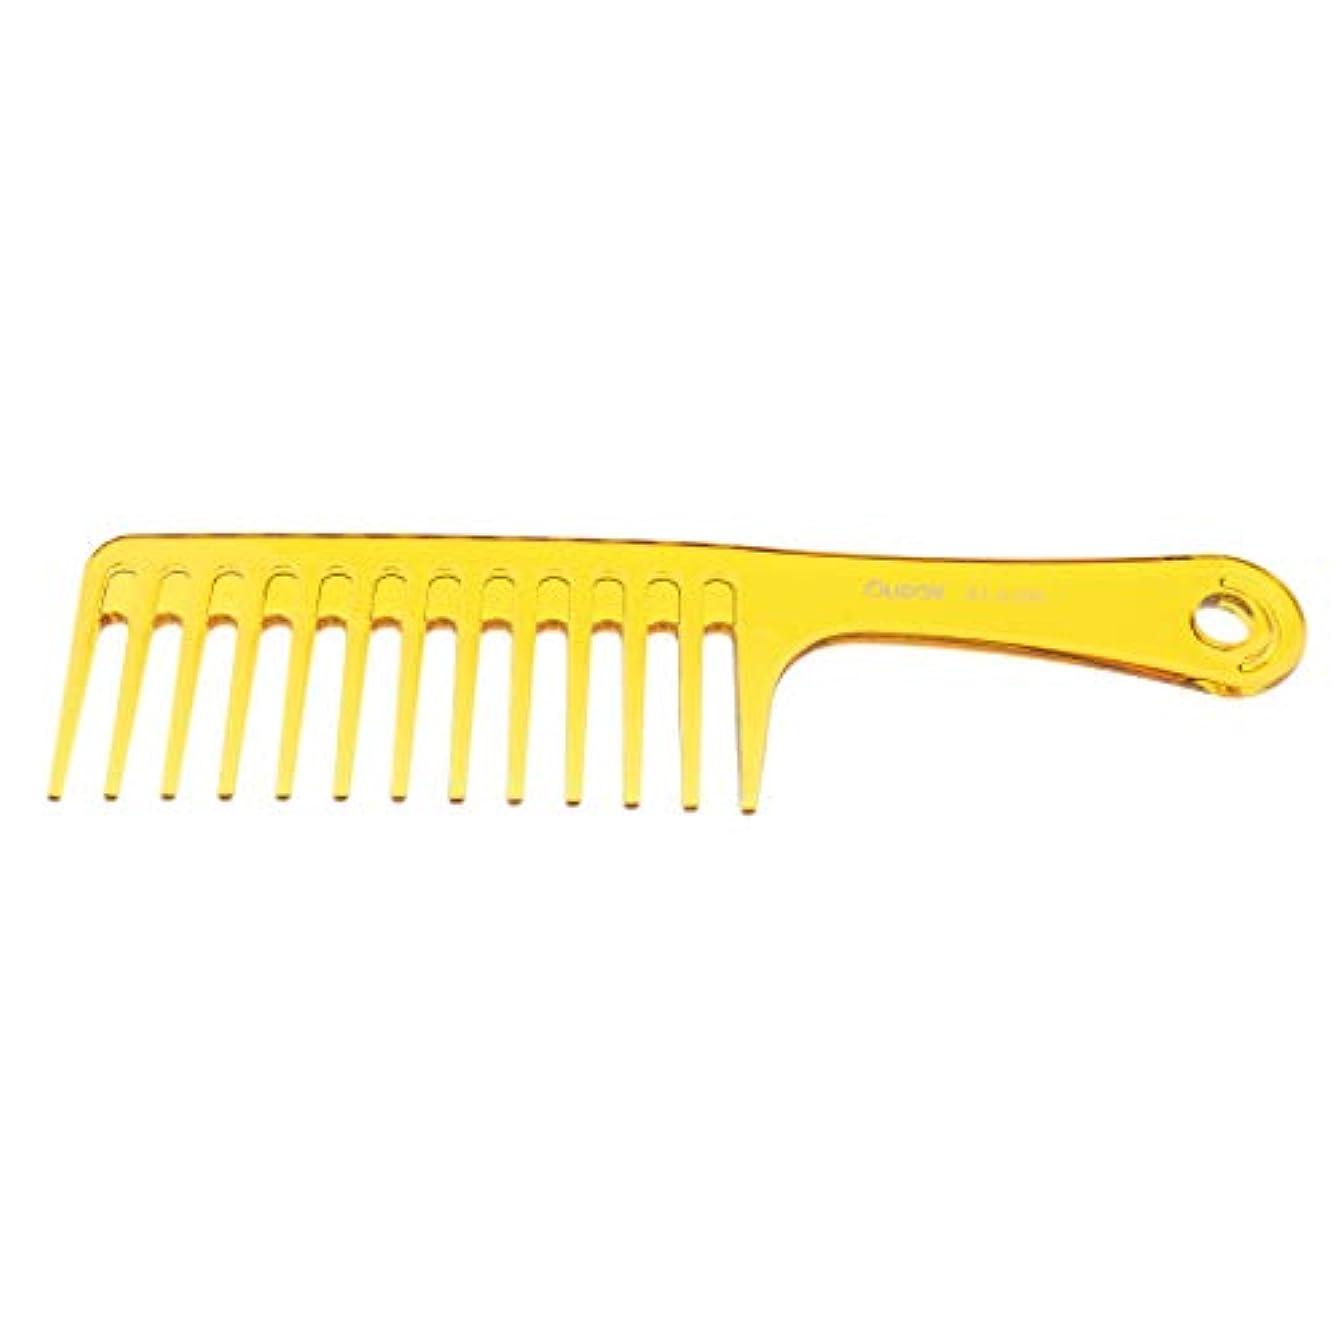 エンドウキャンプ放課後F Fityle ヘアブラシ 巻き毛太い髪 広い歯櫛 サロン ヘアスタイリング 2色選べ - 黄